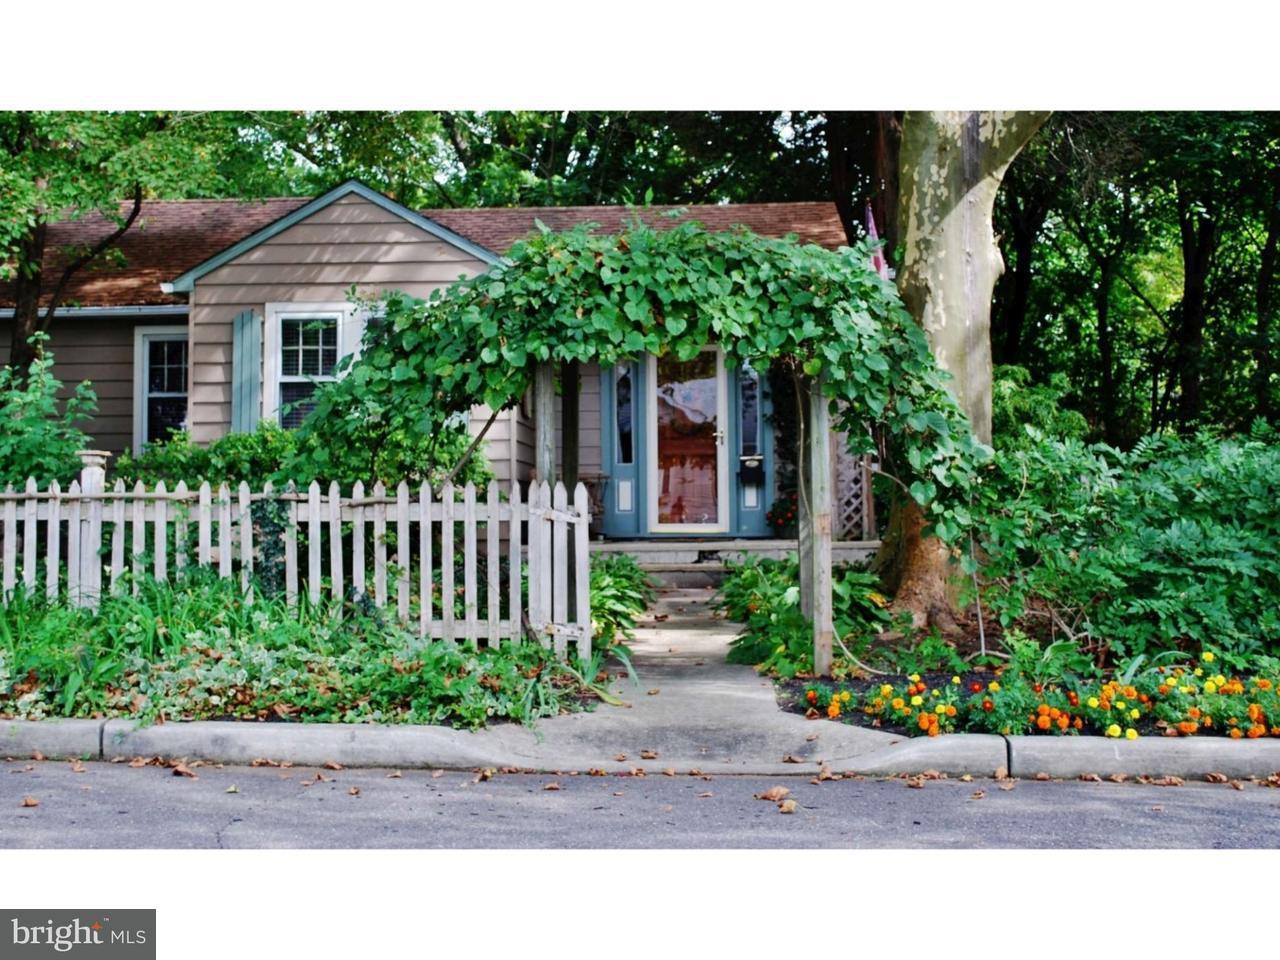 独户住宅 为 销售 在 116 HOUGH Street Pemberton, 新泽西州 08068 美国